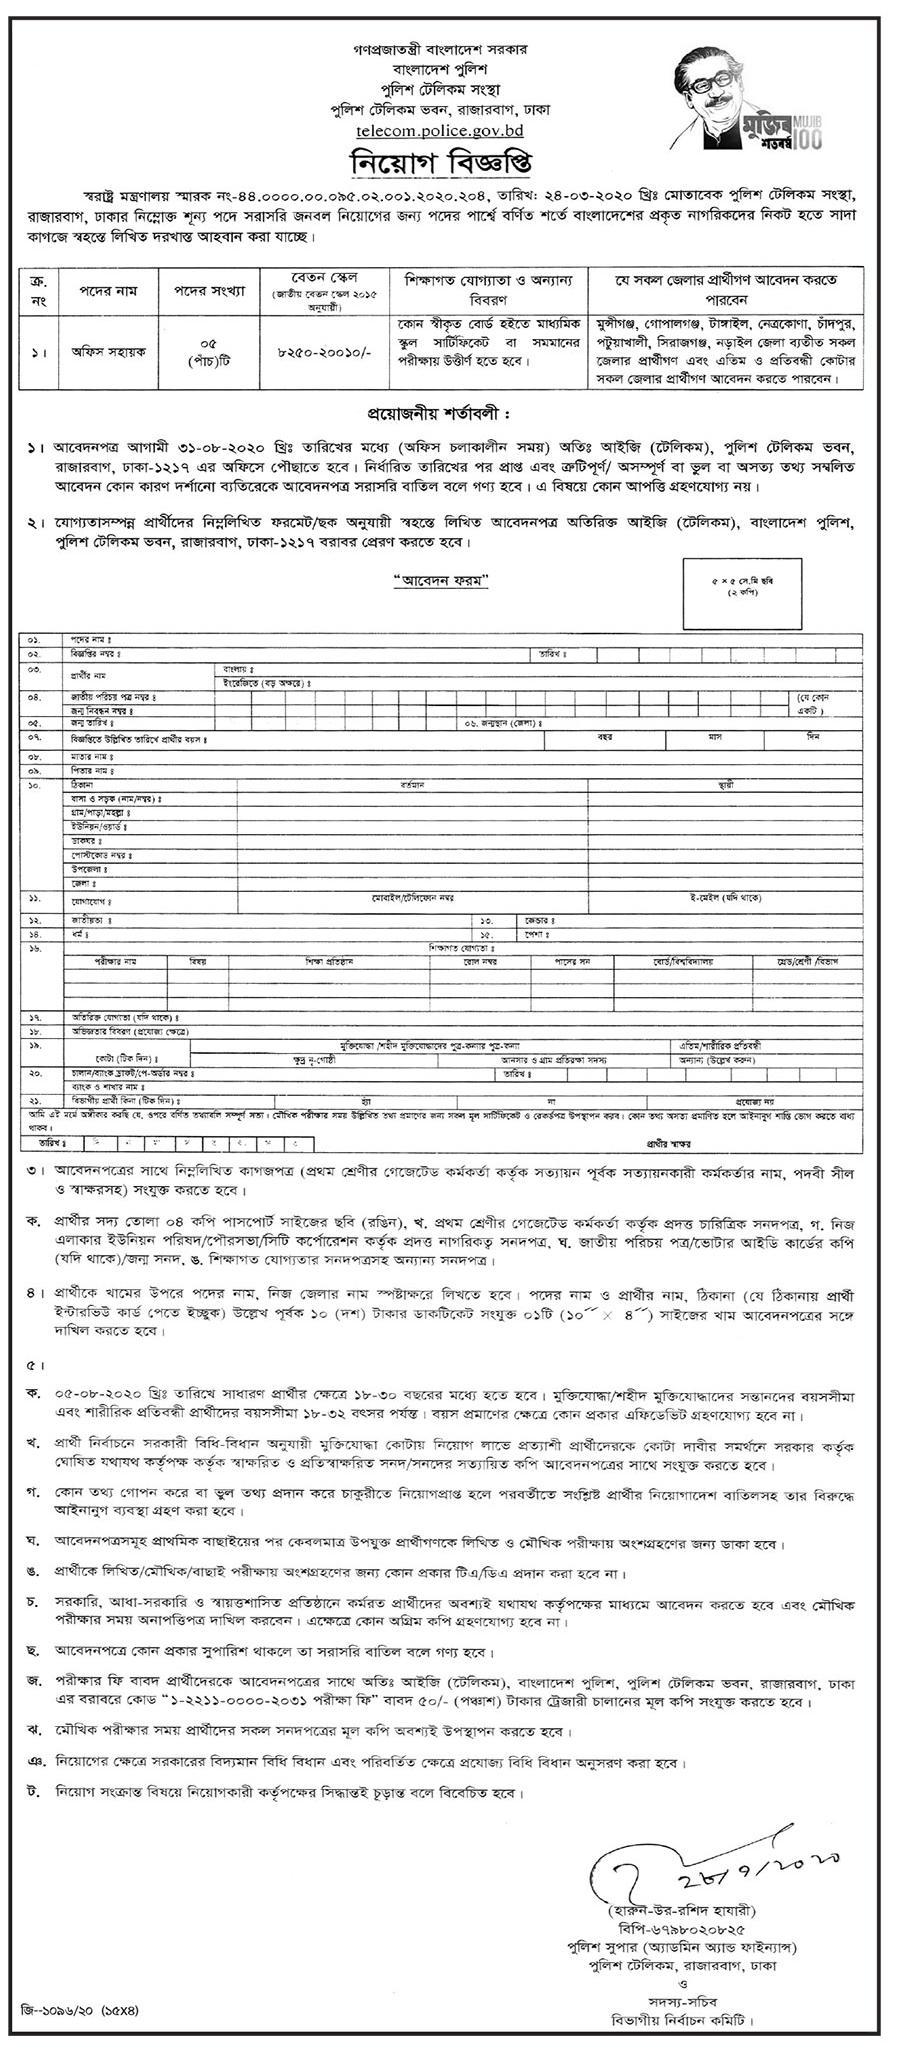 Bangladesh Police Job 2020